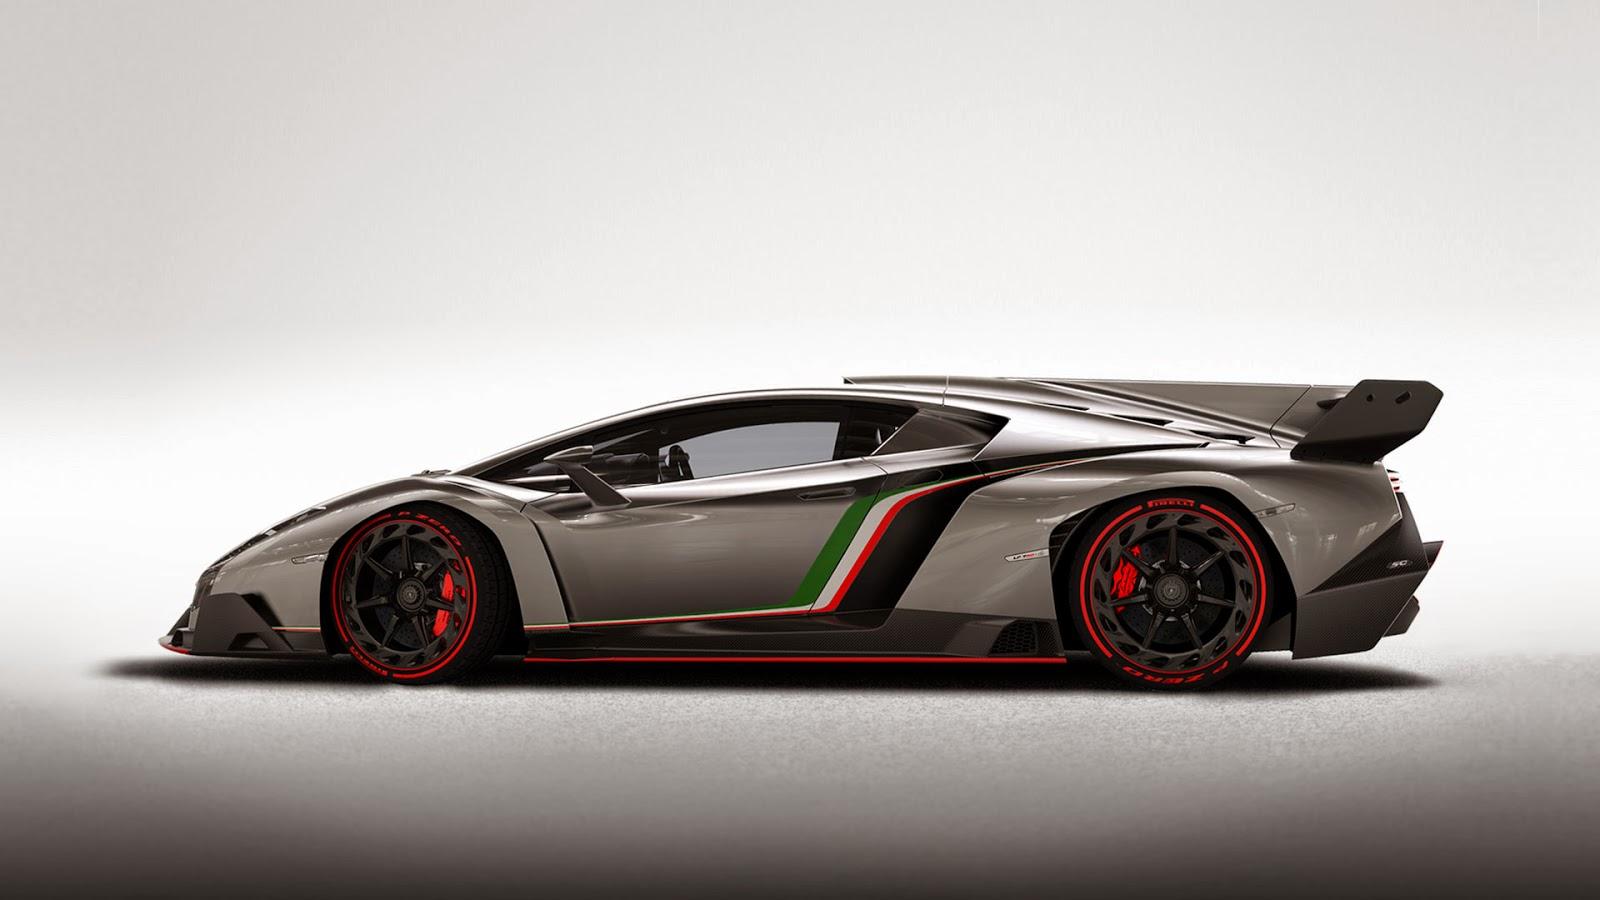 Lamborghini veneno 1080p widescreen wallpaper - Lamborghini veneno wallpaper android ...